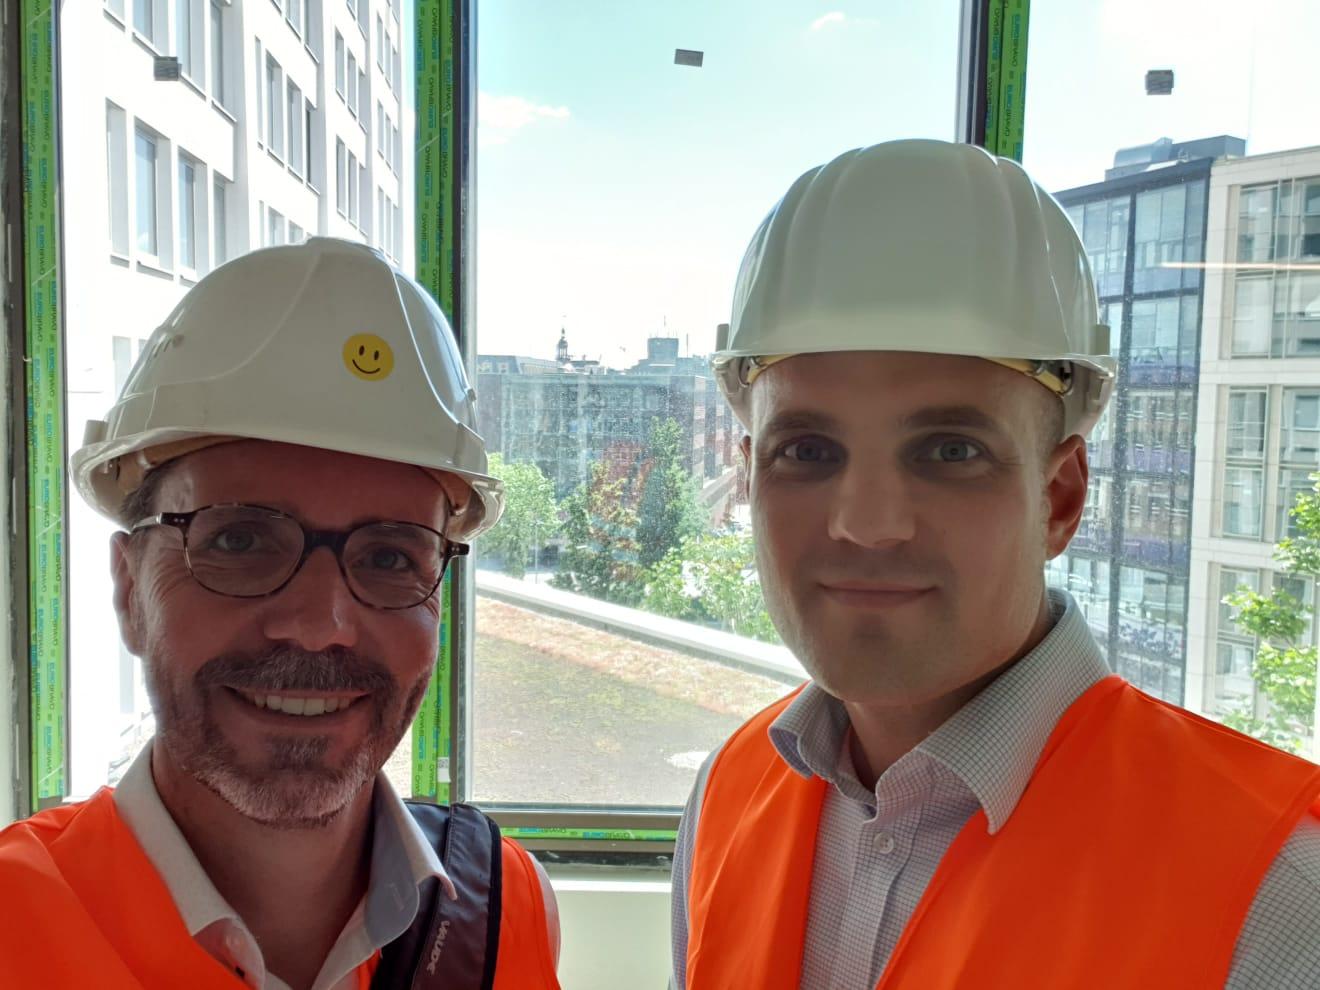 Unser Prokurist Marc Schnitger und unser Geschäftsführer Thomas Helbig.